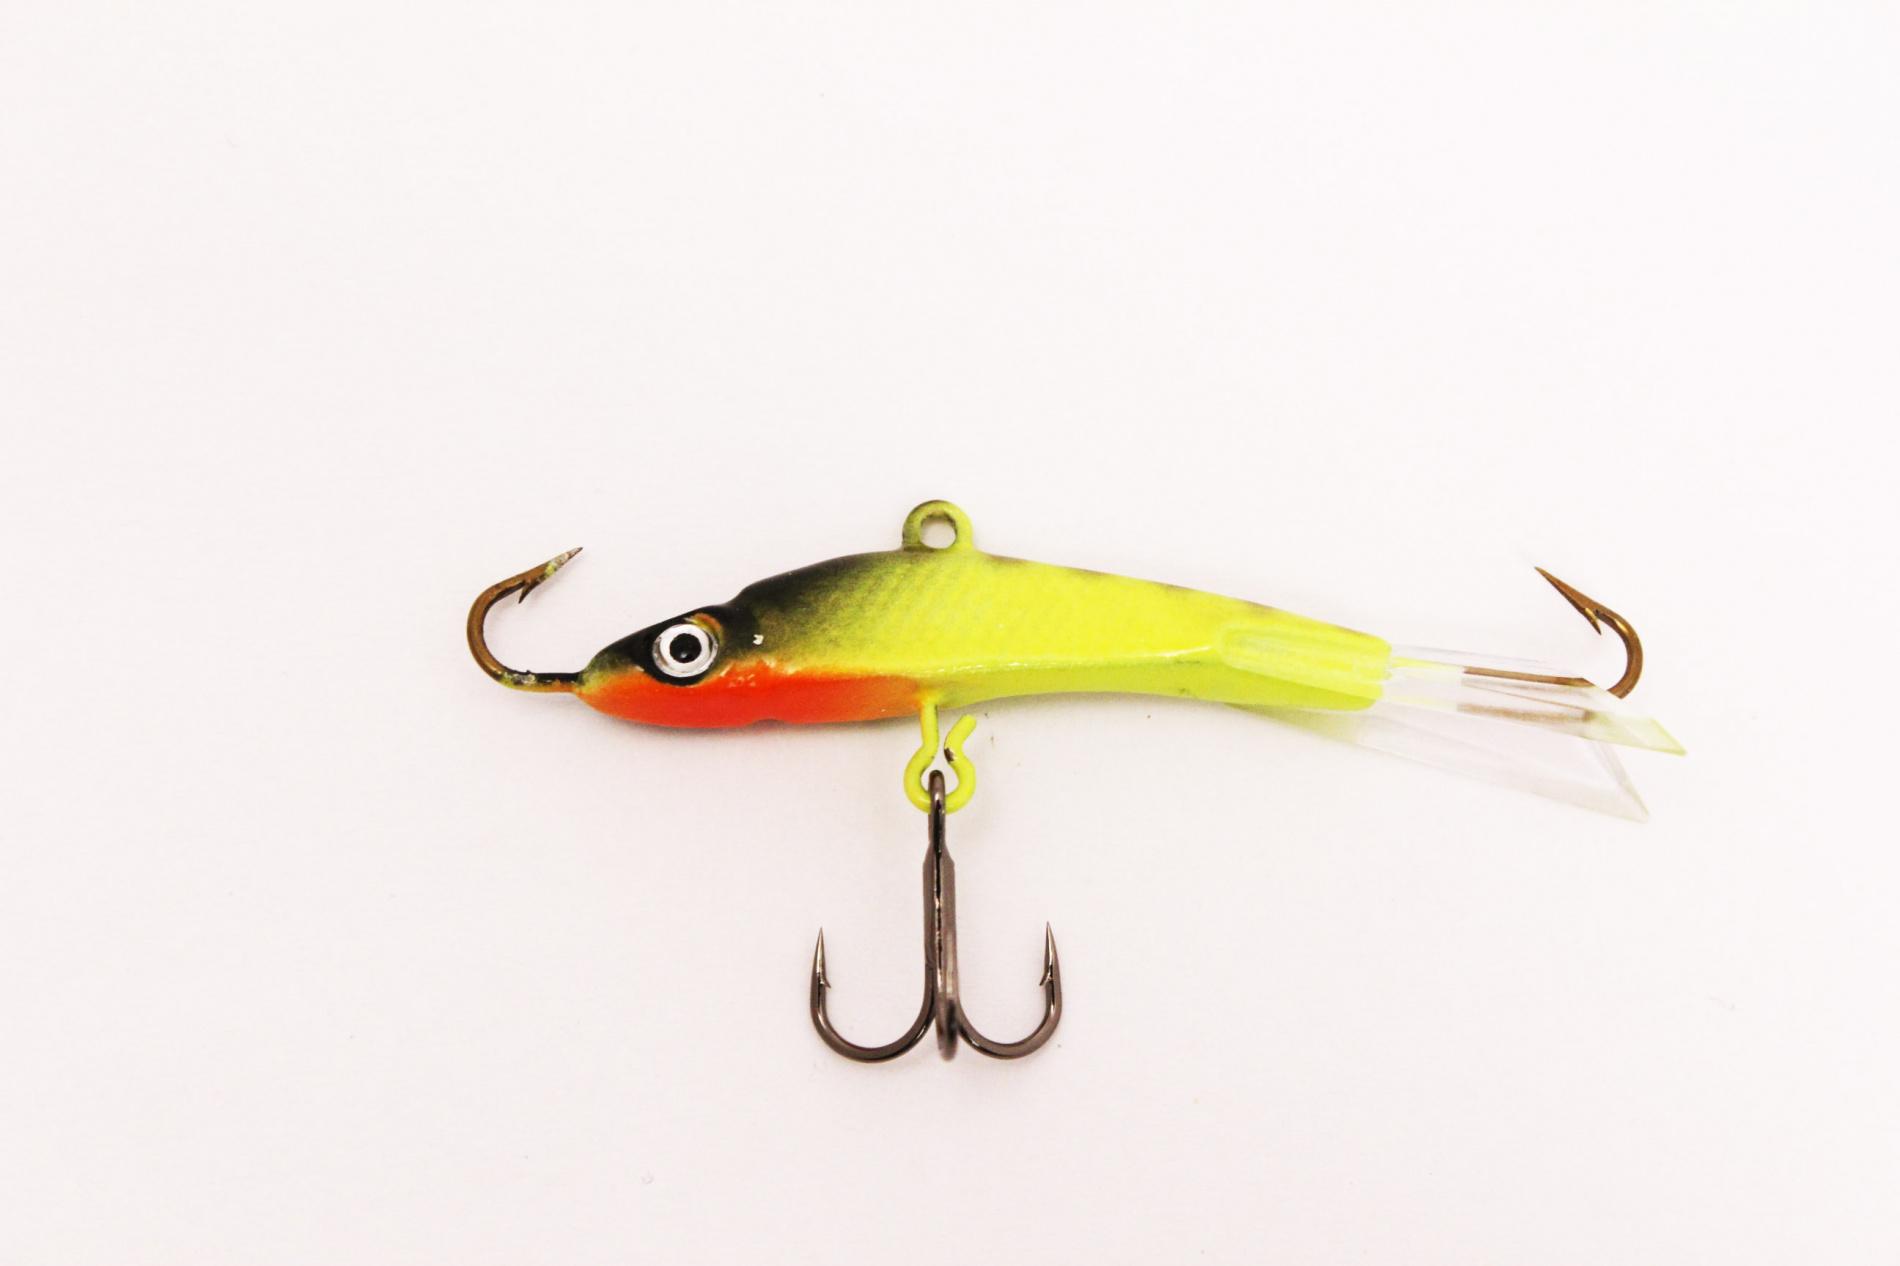 Балансир JIG MASTER Горбач 5см 7гр цвет МауглиБалансиры<br>Балансир для ловли окуня и щуки. Имеет качественное <br>покрытие. Превосходно привлекает хищника <br>с большого расстояния.<br>